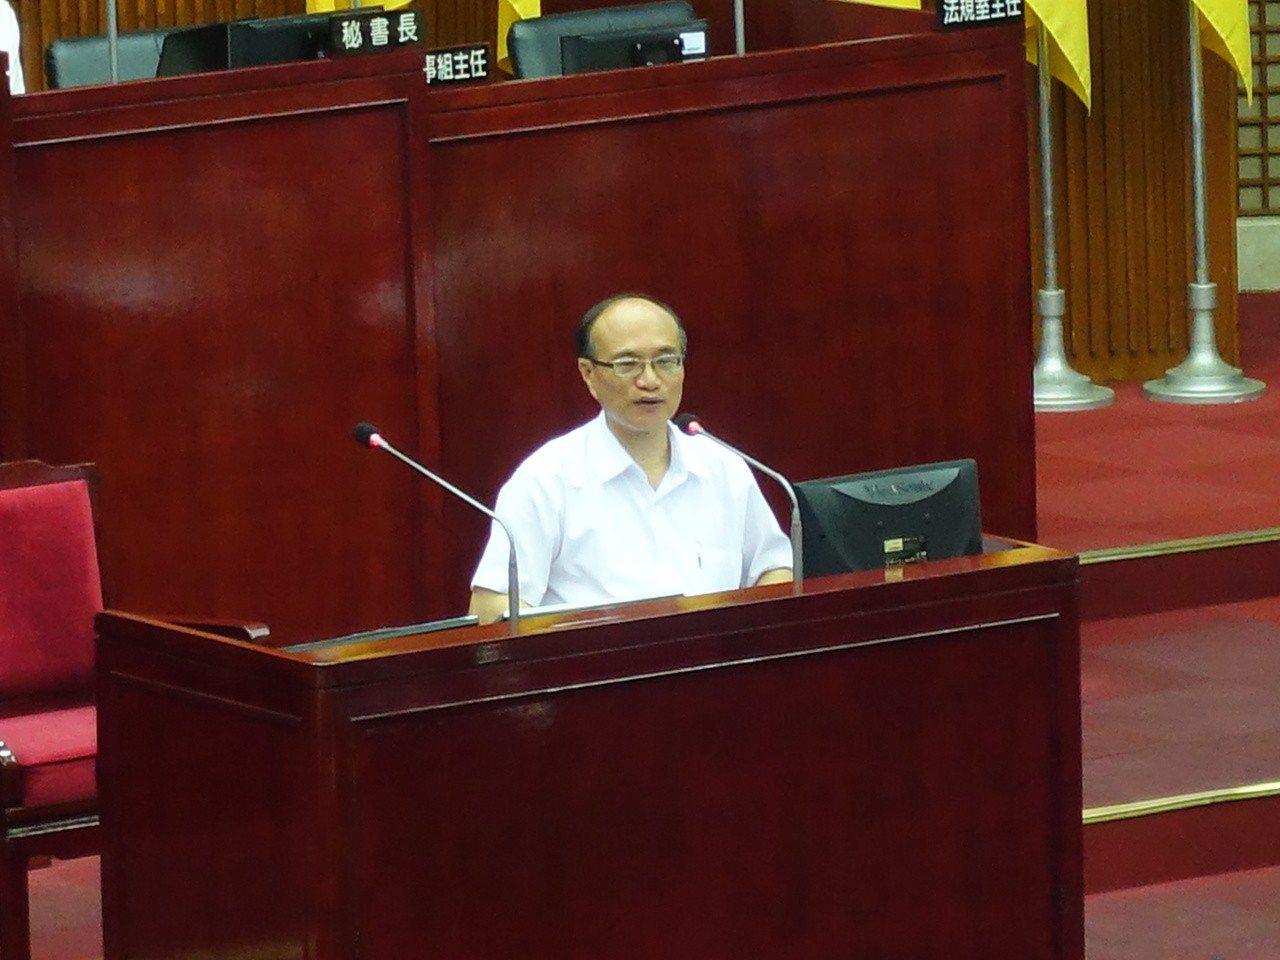 台北市議員洪健益昨質疑校長請公假過多問題,北市教育局長曾燦金說,確實有點誇張,「...